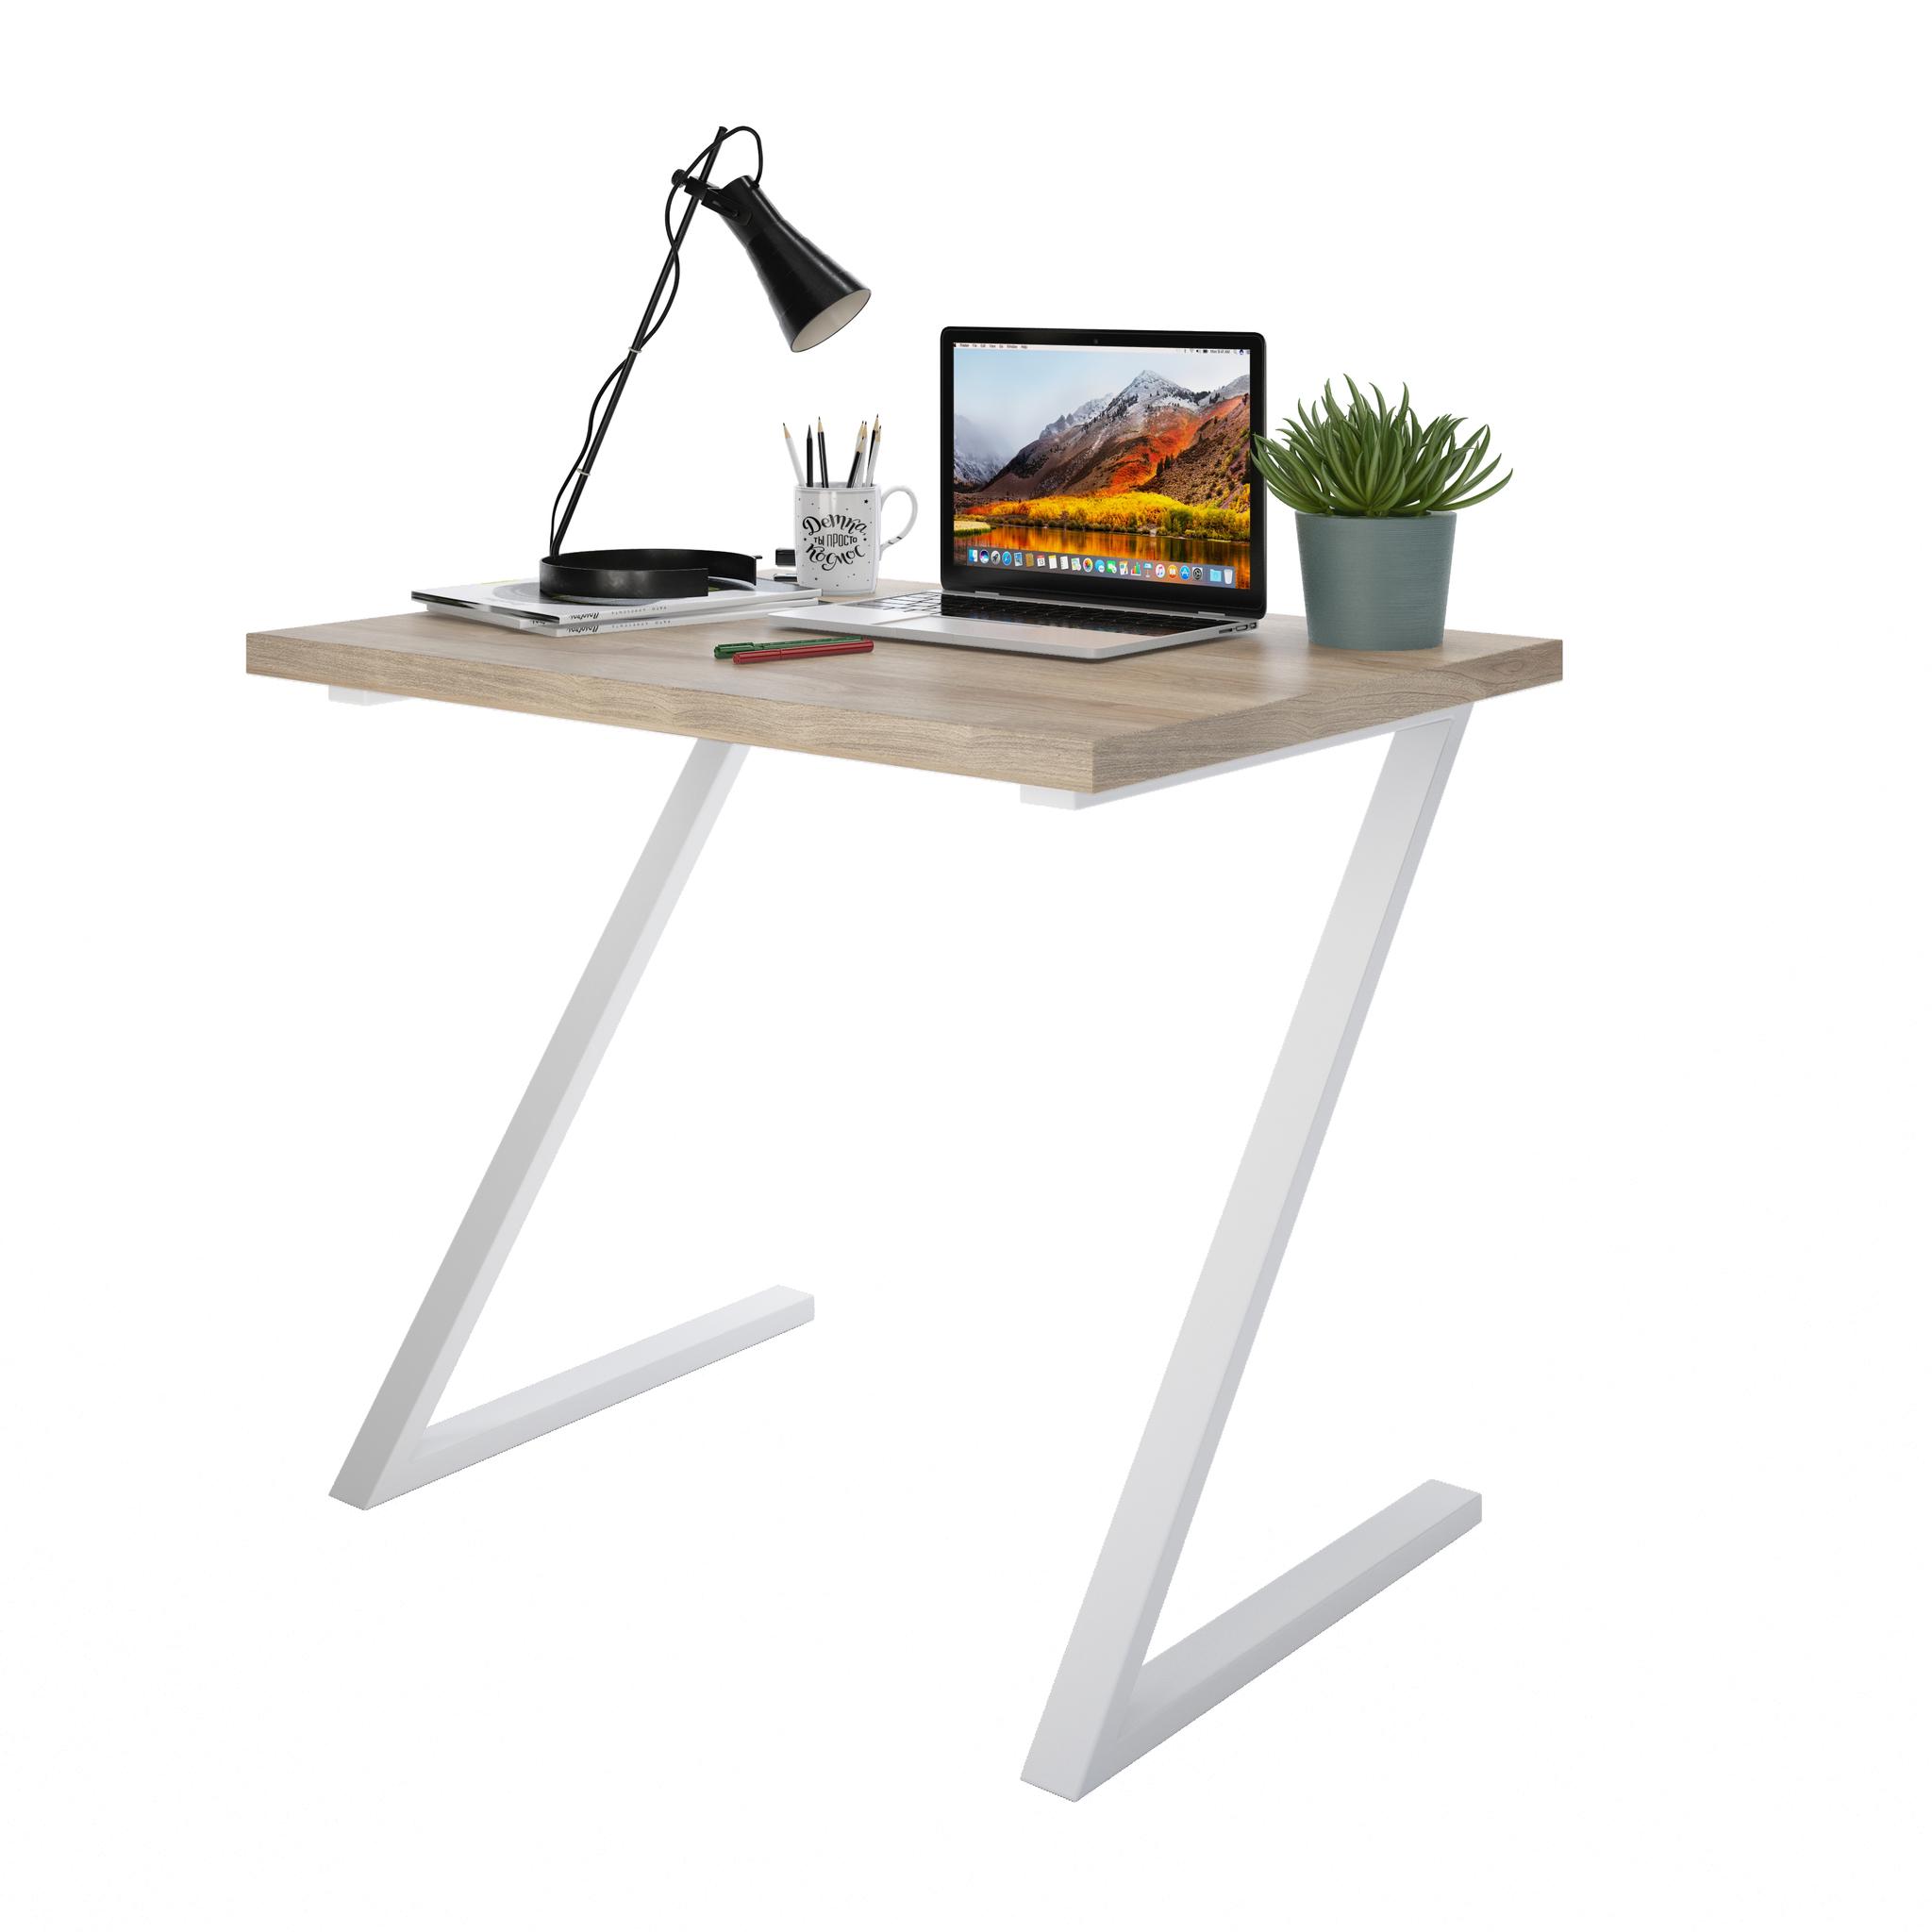 Письменный стол ДОМУС СП012 вяз светлый/металл белый